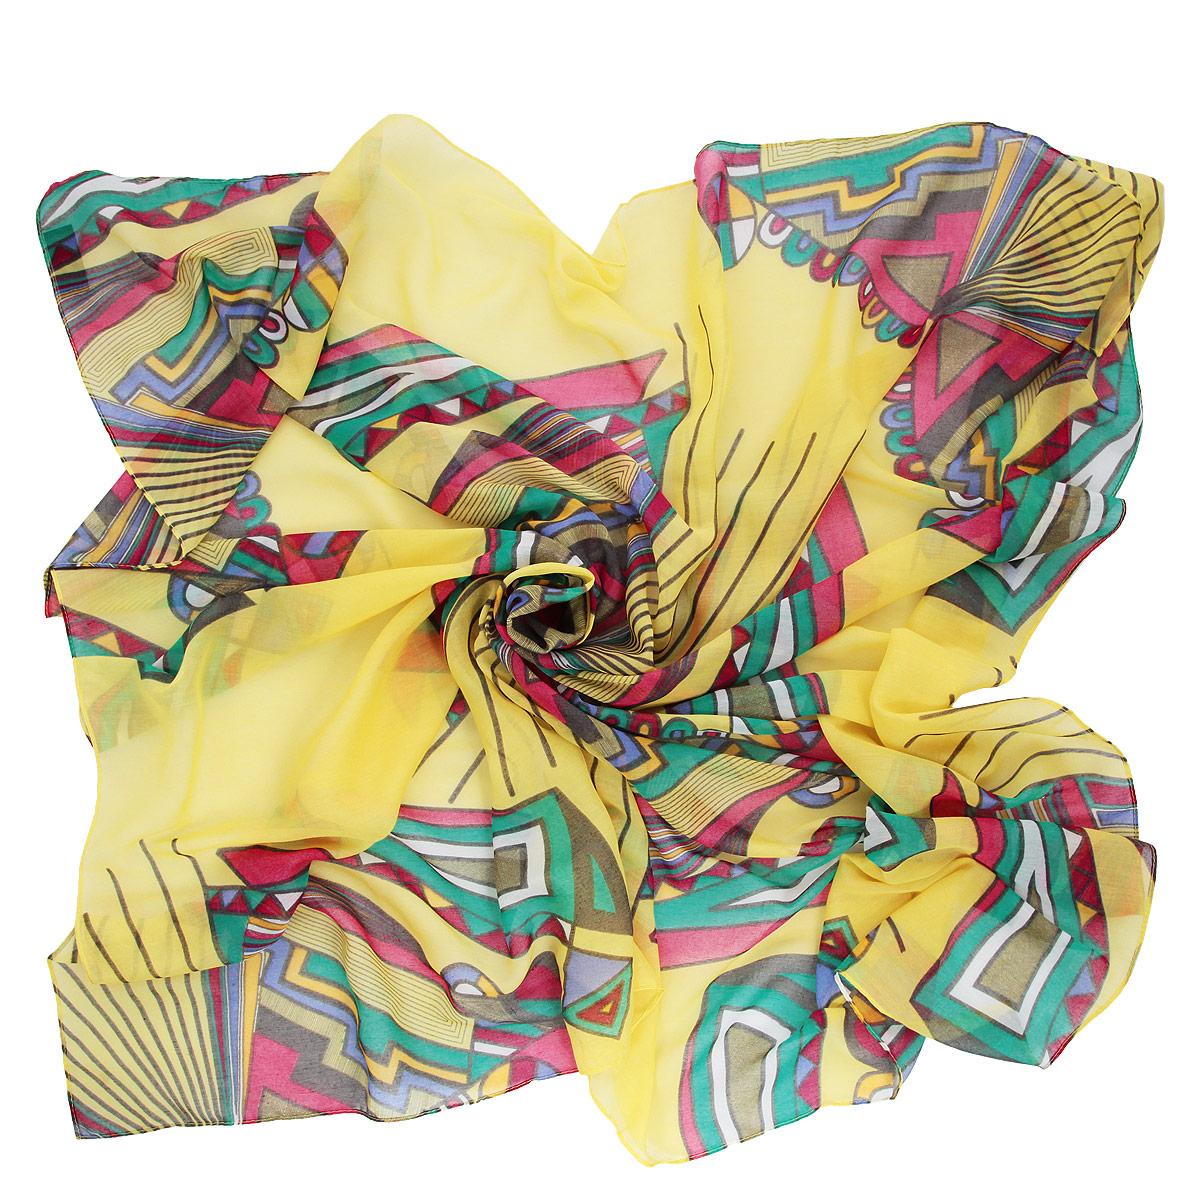 3000441-05 ПлатокЯркий платок Venera подчеркнет ваш неповторимый образ. Изделие выполнено из вискозы и оформлено геометрическим принтом. Этот модный аксессуар женского гардероба гармонично дополнит образ современной женщины, следящей за своим имиджем и стремящейся всегда оставаться стильной и элегантной.